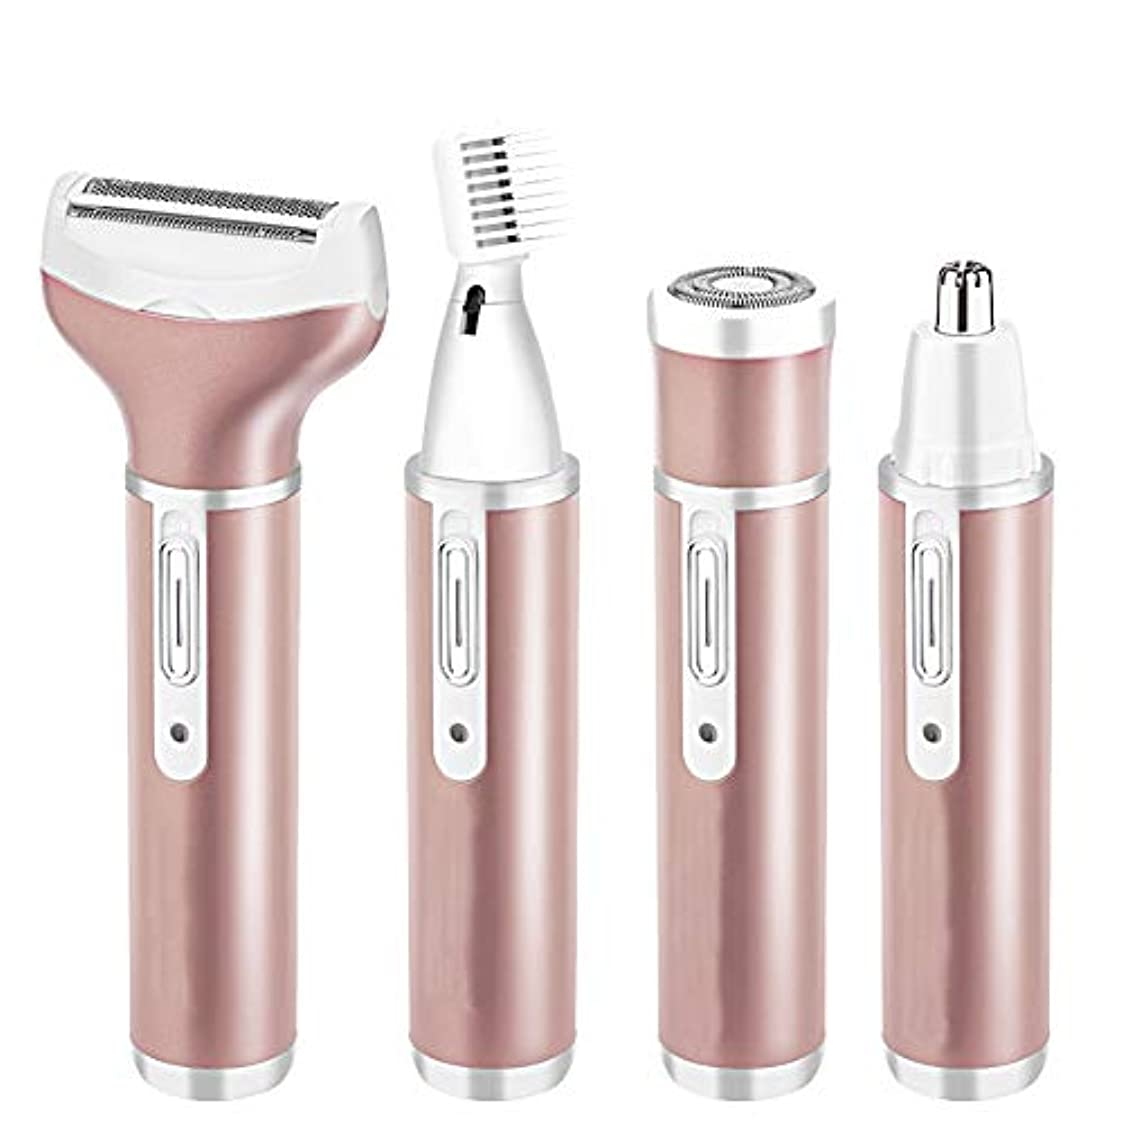 女性の電気眉毛脱毛器、1に4の防水脱毛キットが含まれています顔の電気シェーバー鼻毛は眉毛の取り外しとビキニシェーバーを削除B